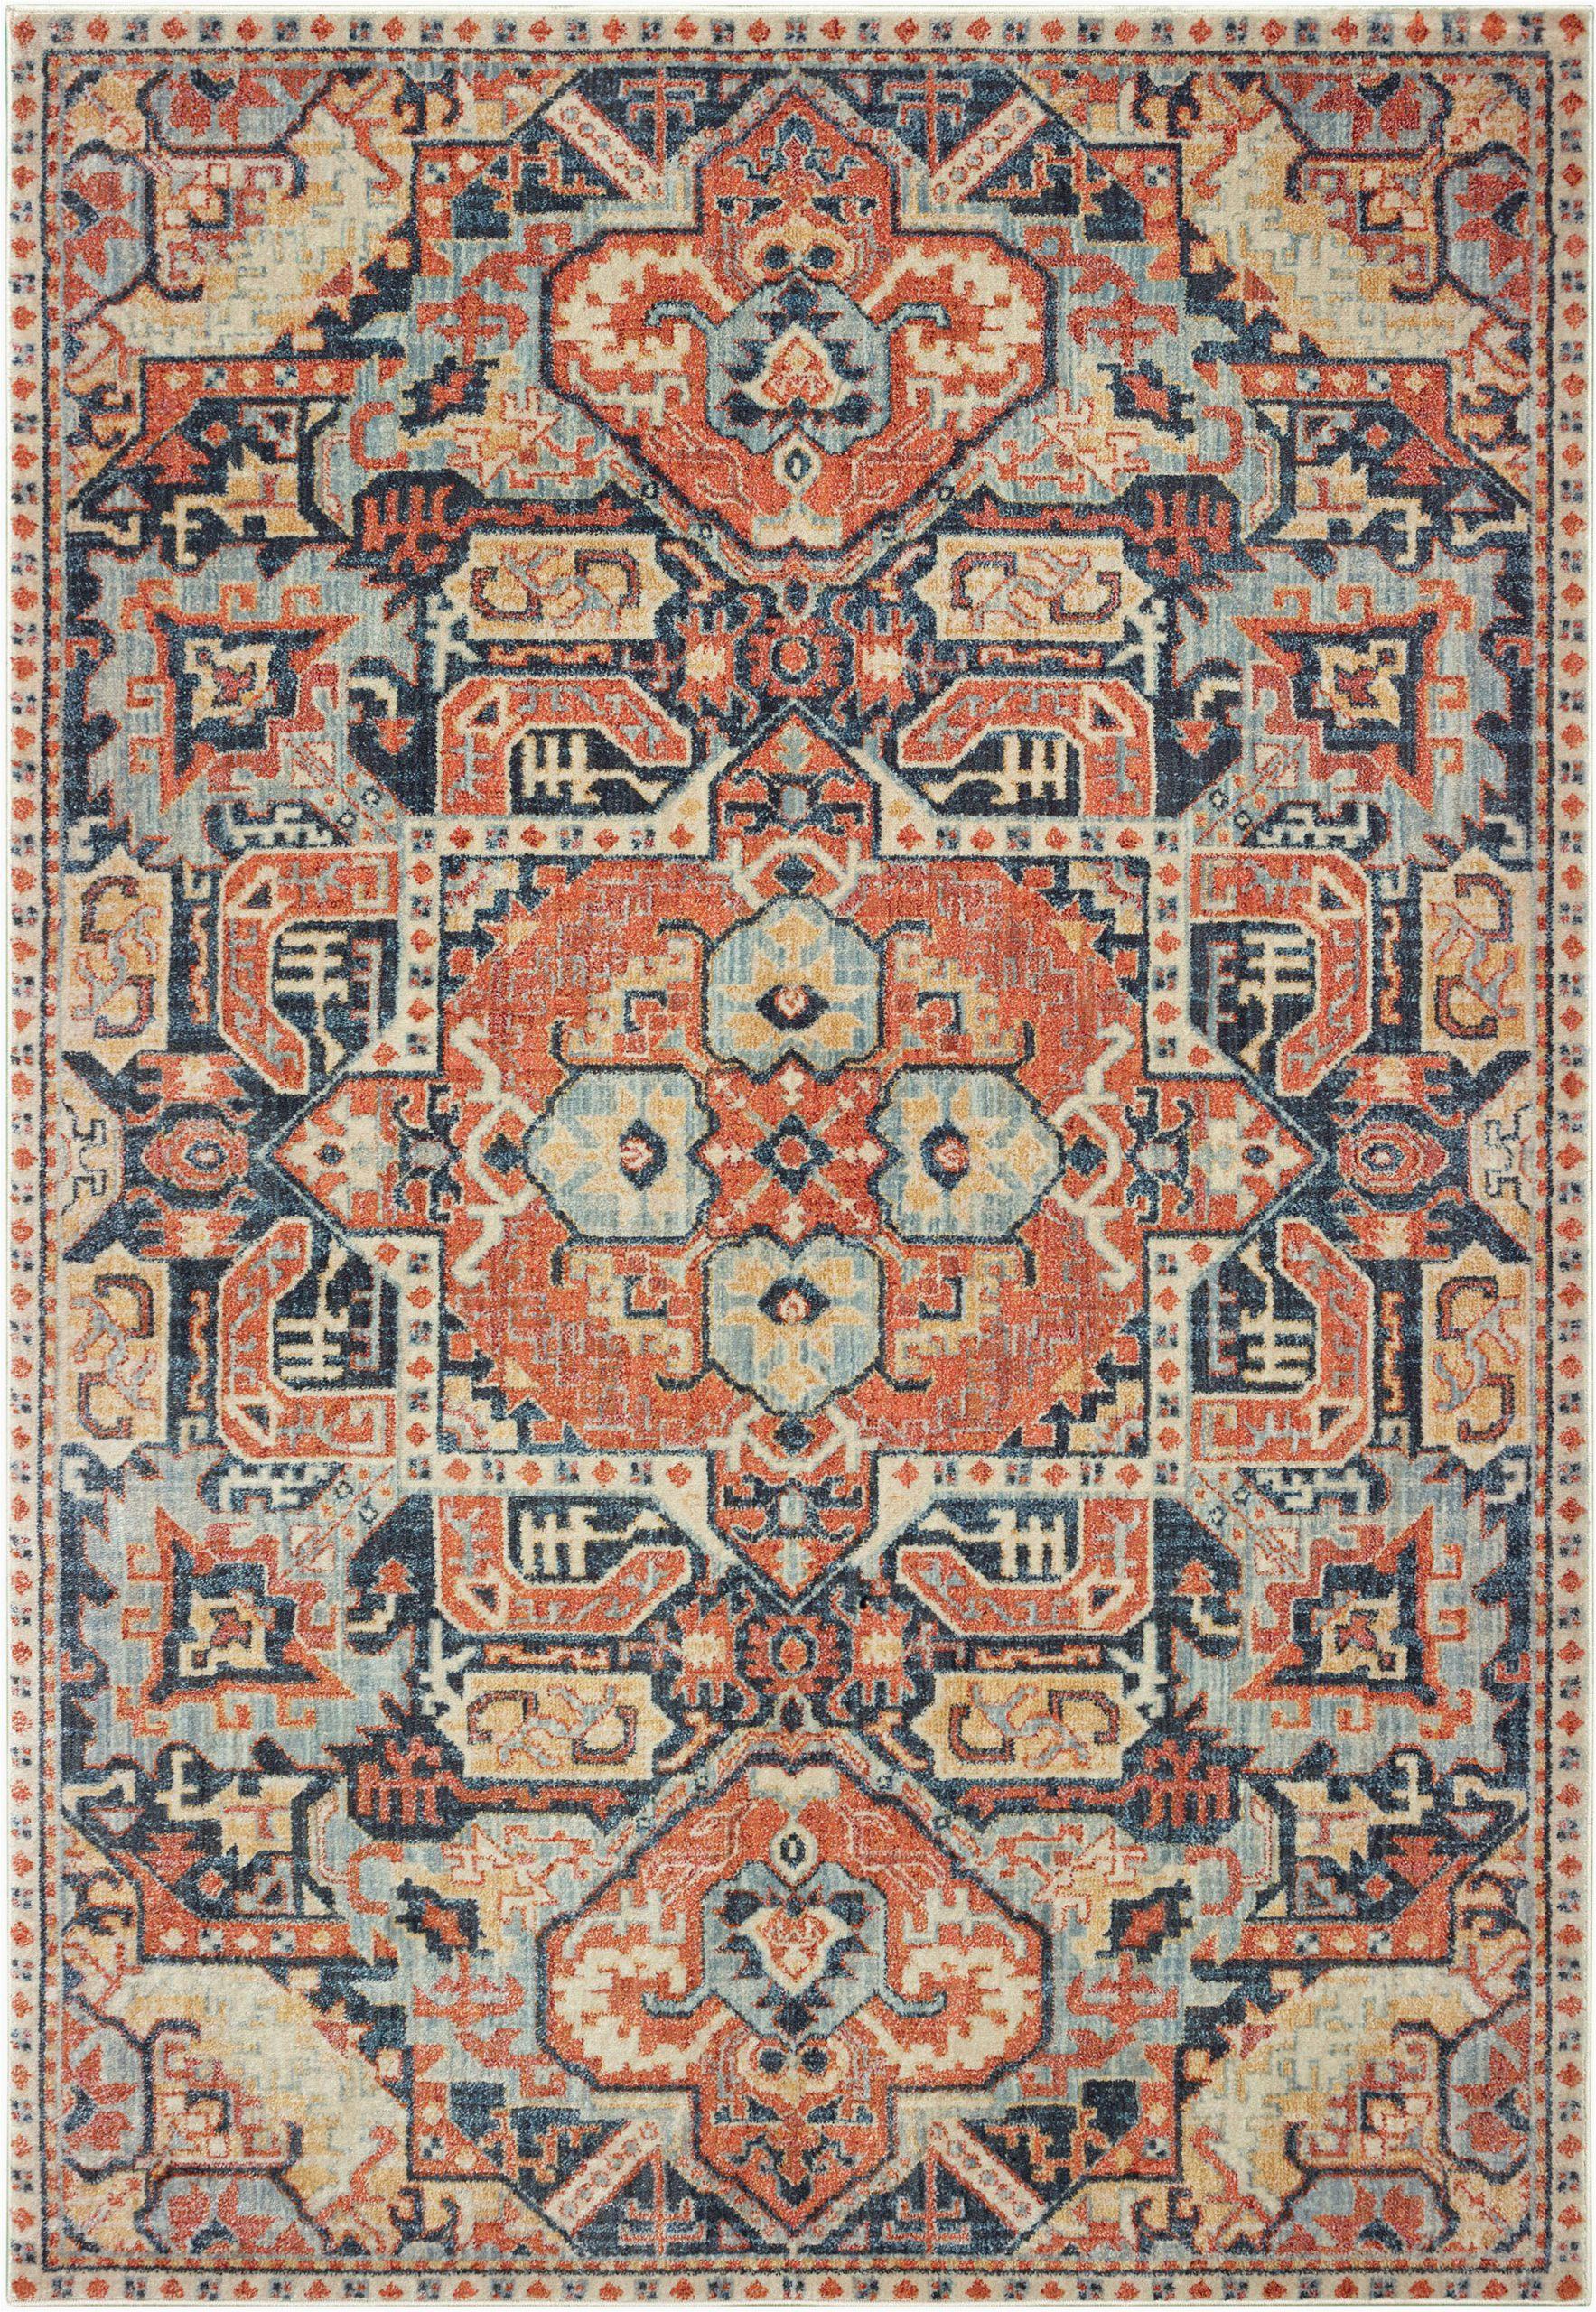 Area Rugs Green Bay Wi oriental Weavers Floor Coverings Pandora 49s Rug Pando 049s7